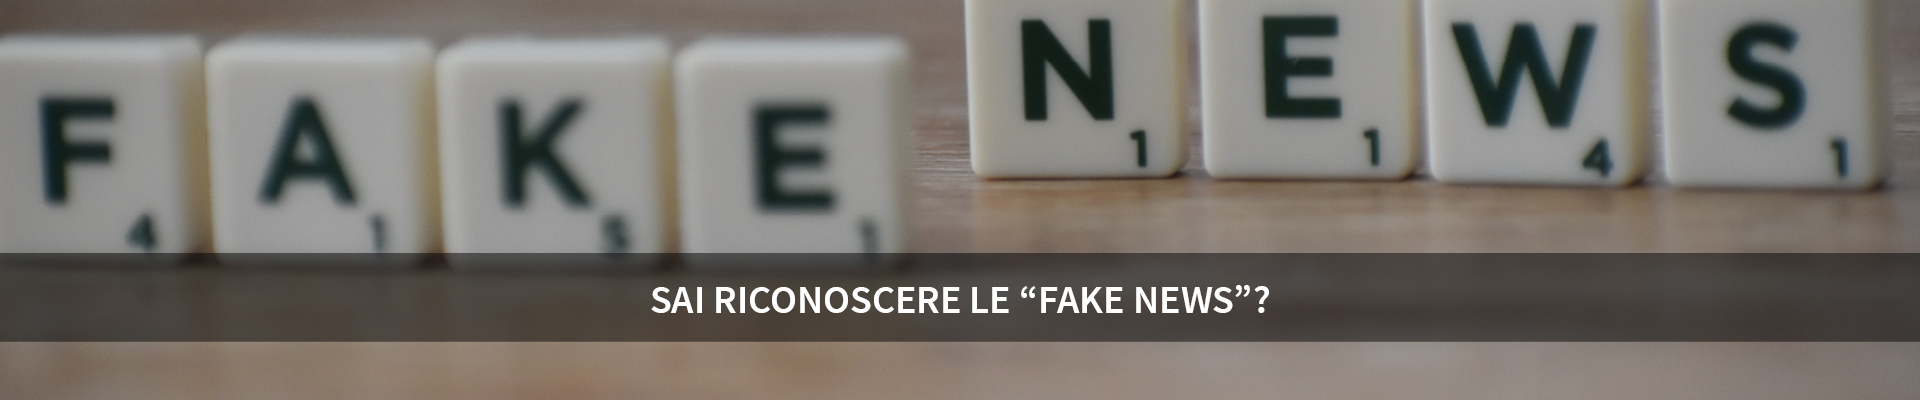 Sai riconoscere le fake news? - MINERVA -